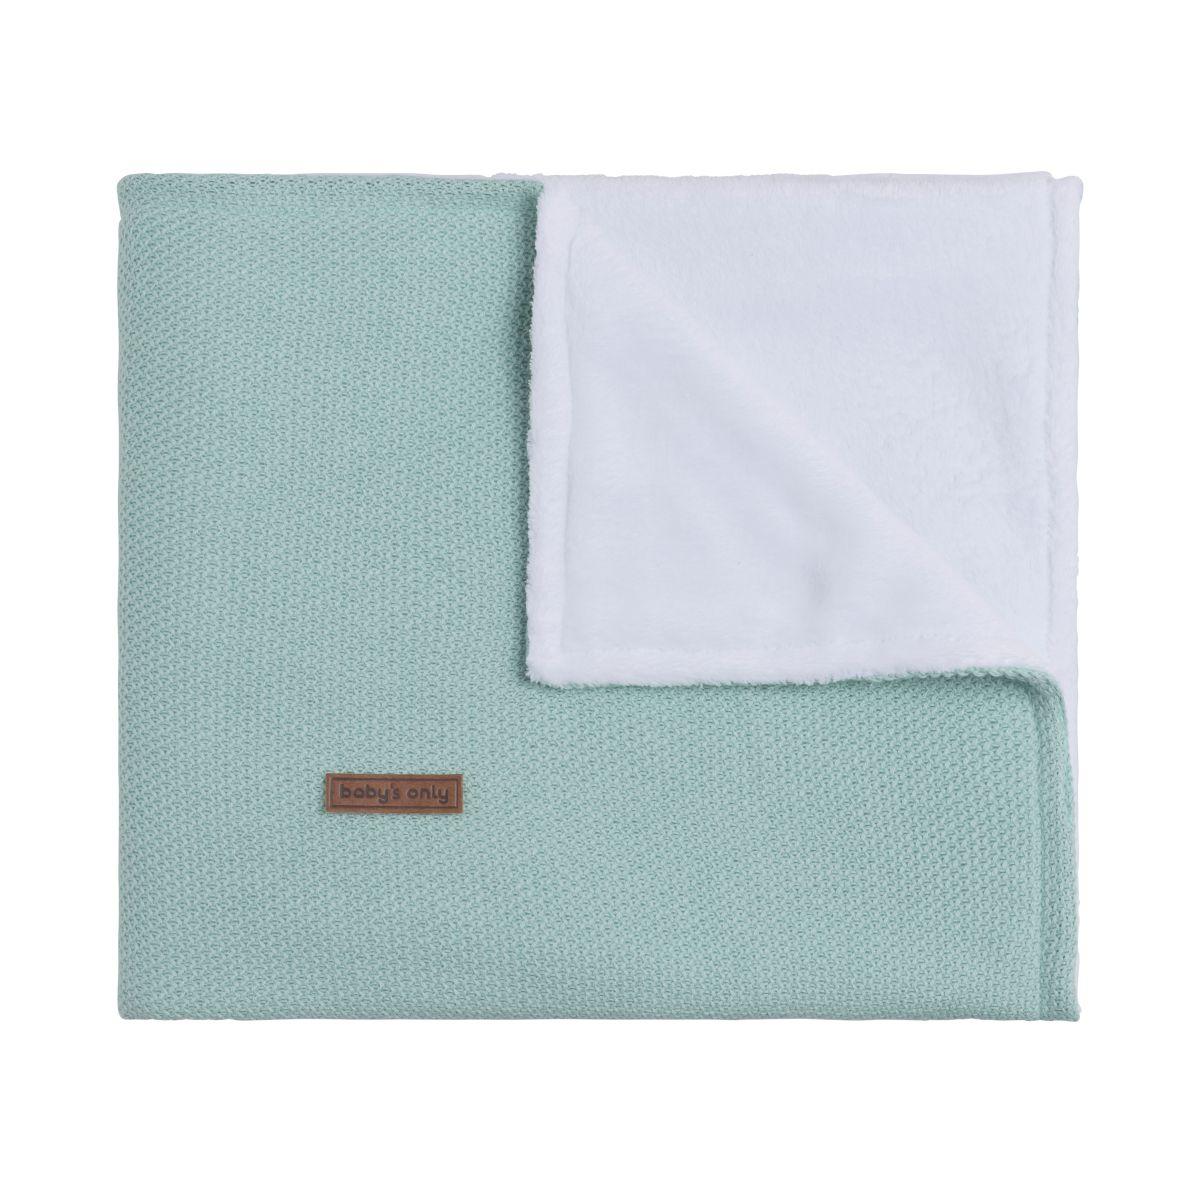 couverture lit bb teddy classic mint